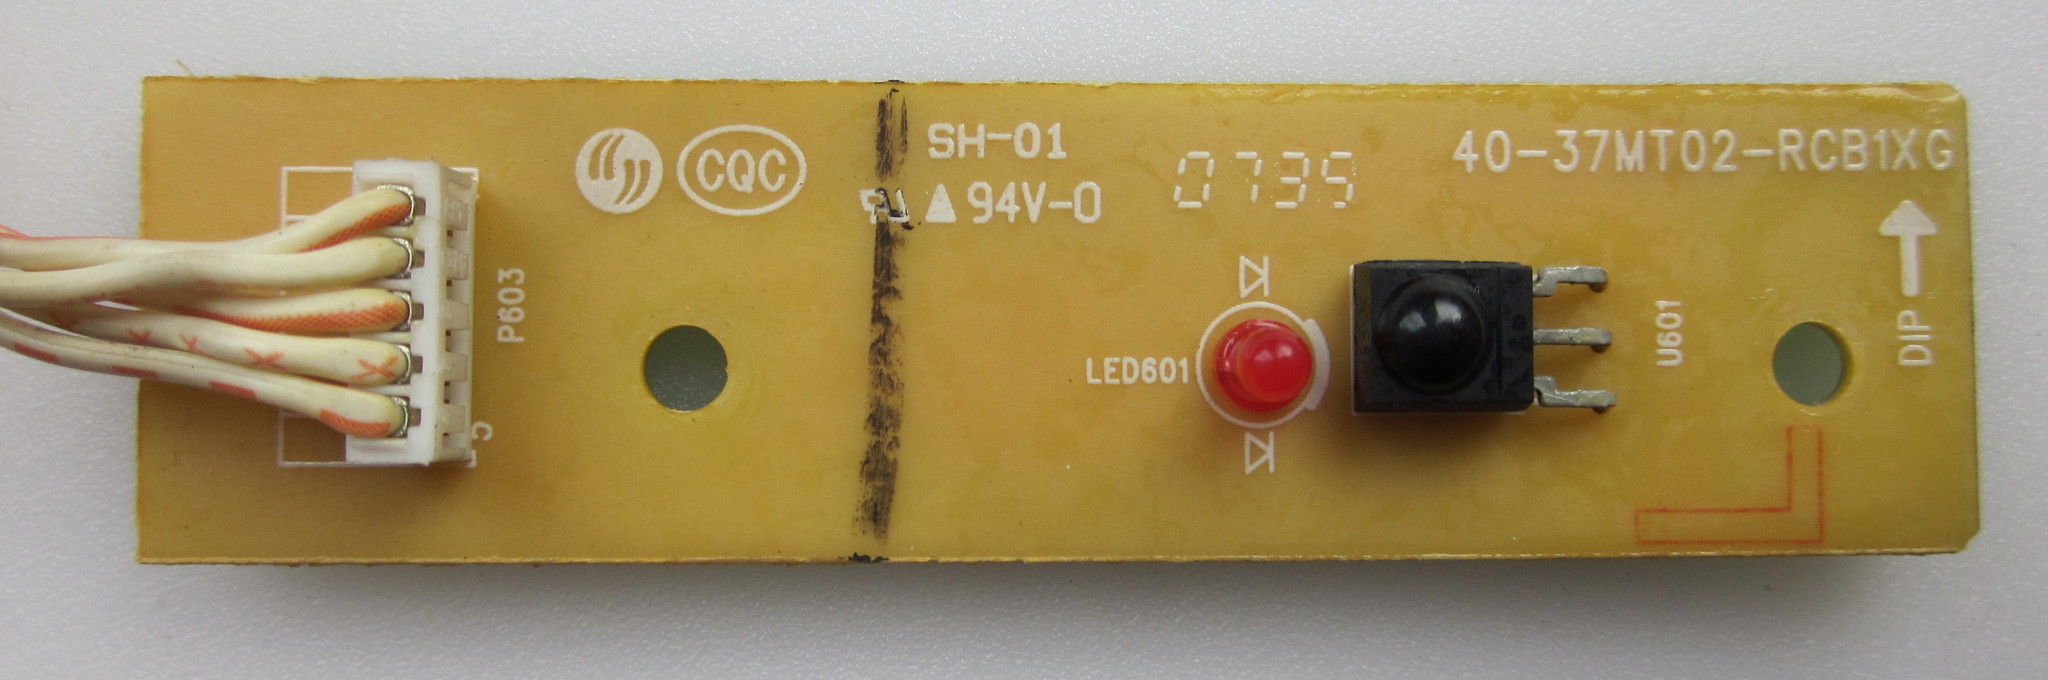 40-37MT02-RCB1XG